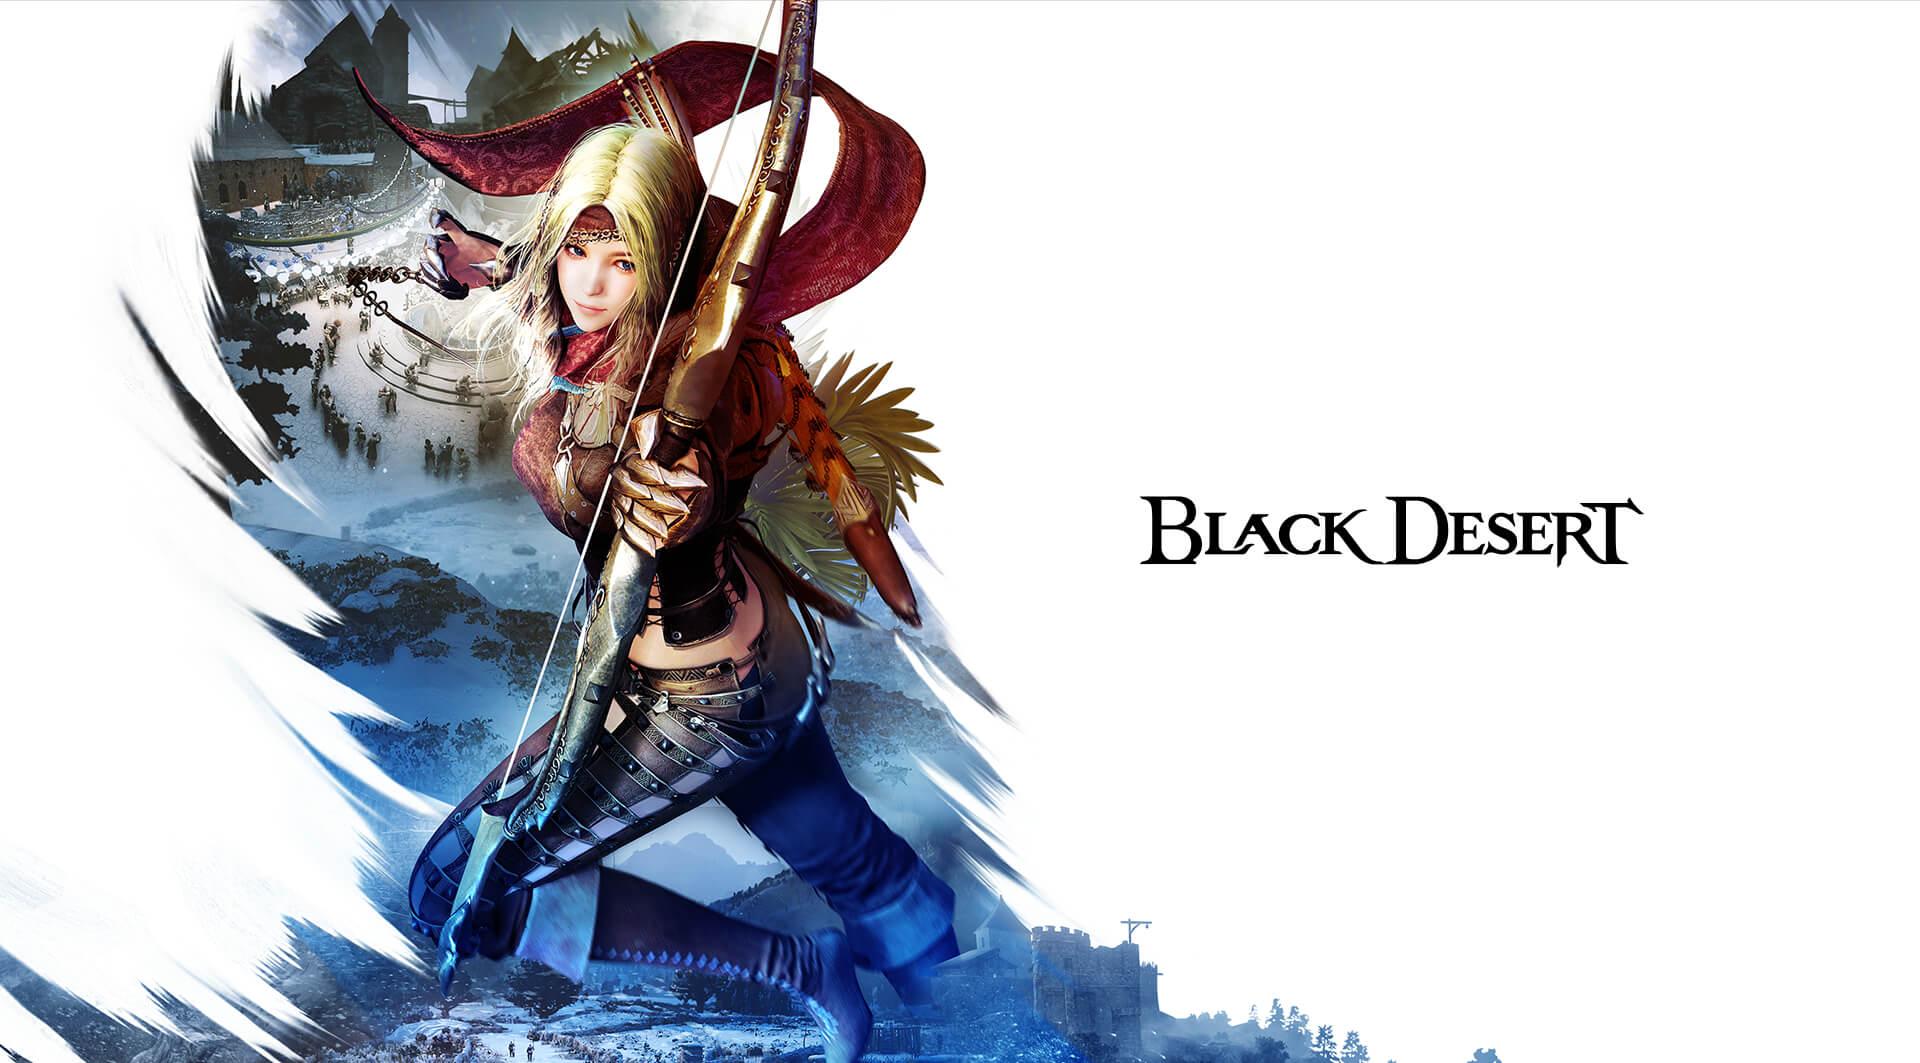 Black Desert x BAIT